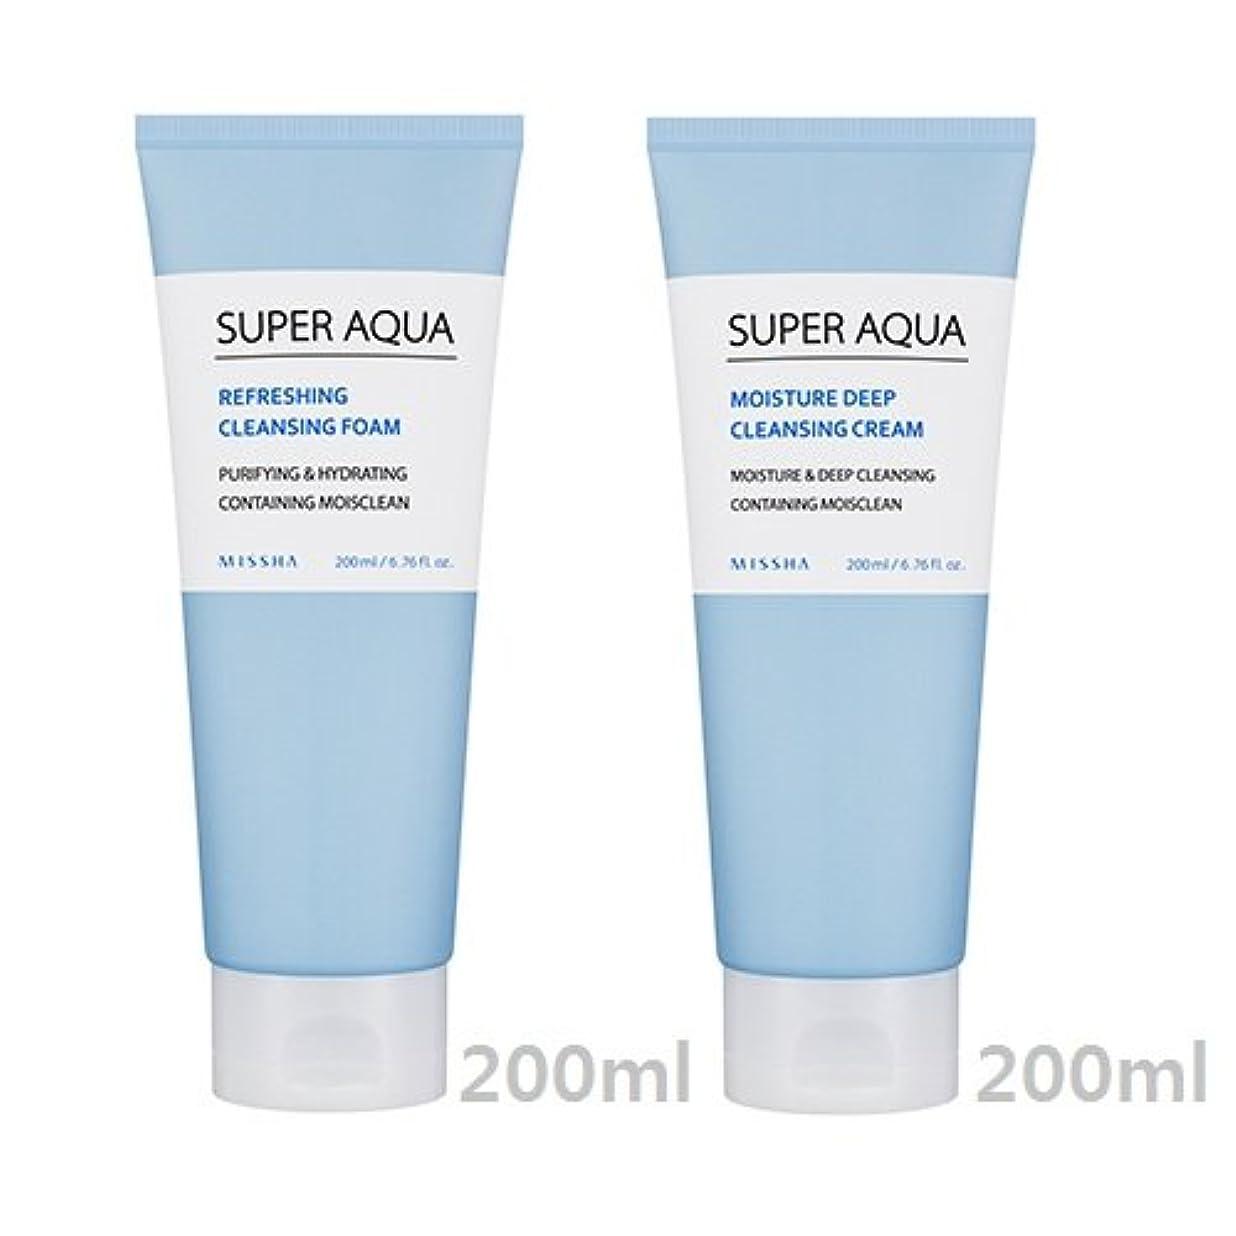 アジア人香港私たち[1+1] MISSHA Super Aqua Cleansing Cream + Foam/ミシャ スーパー アクア クレンジング クリーム + フォーム [並行輸入品]